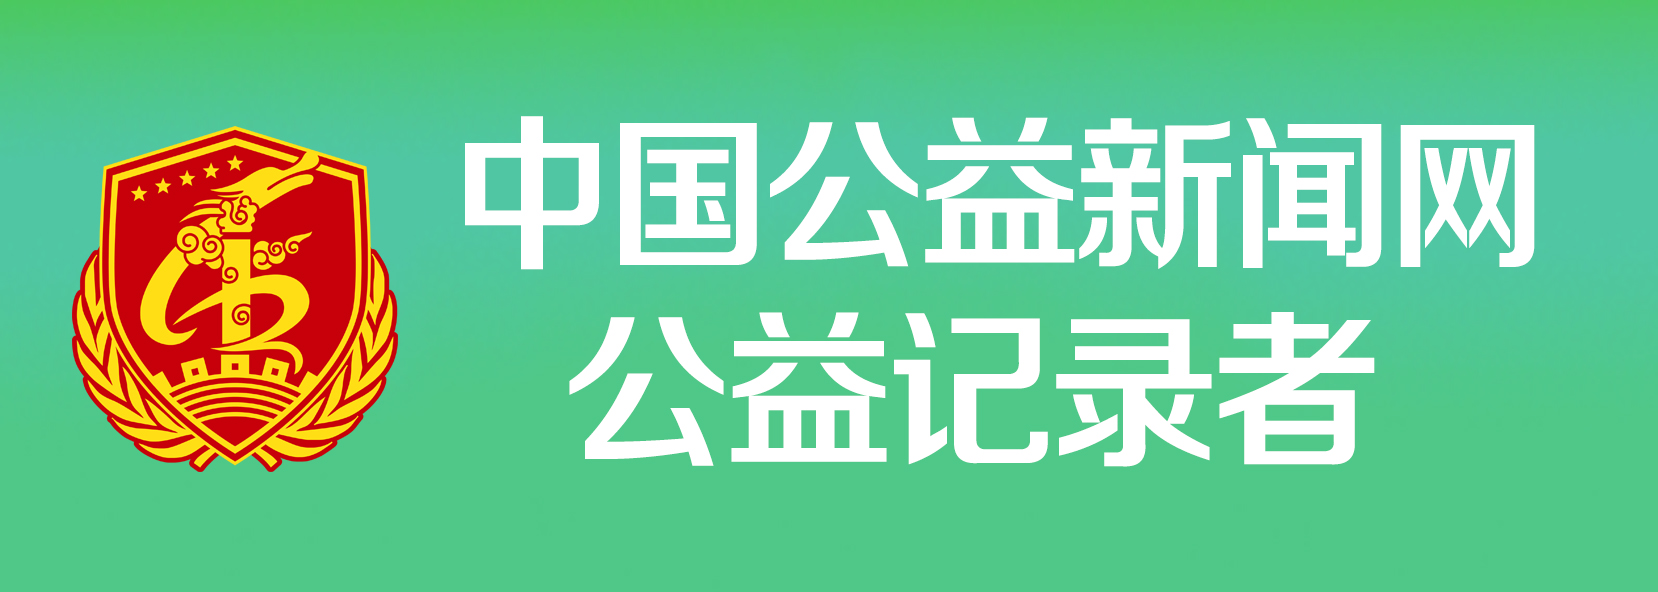 """中国公益新闻网""""公益记录者""""招募公告"""